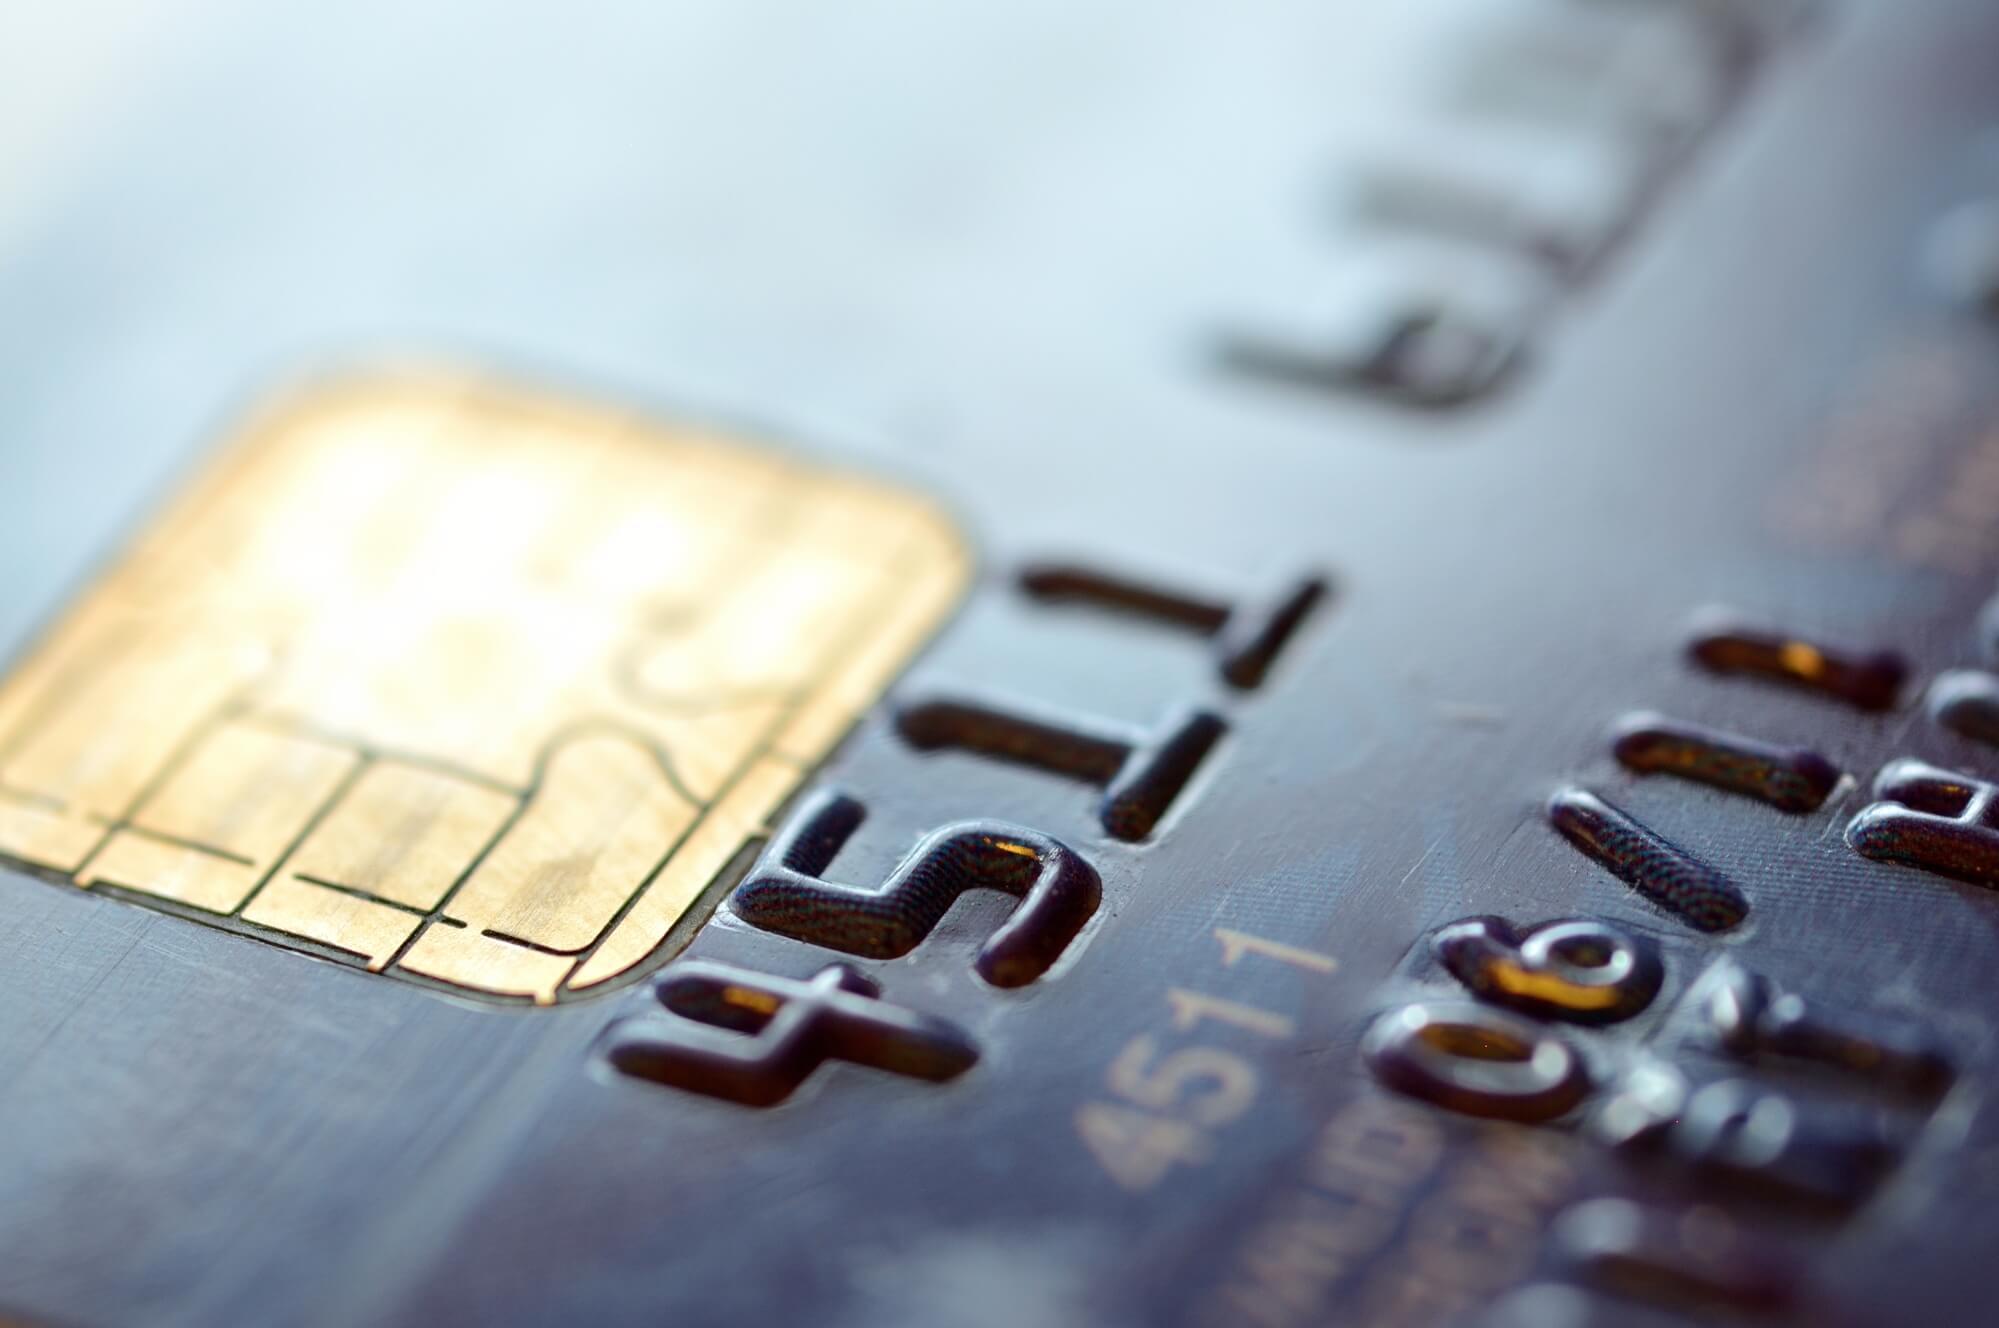 Телефонні терористи: як вберегтися від мікрокредитного шахрайства та дошкулянь колекторів